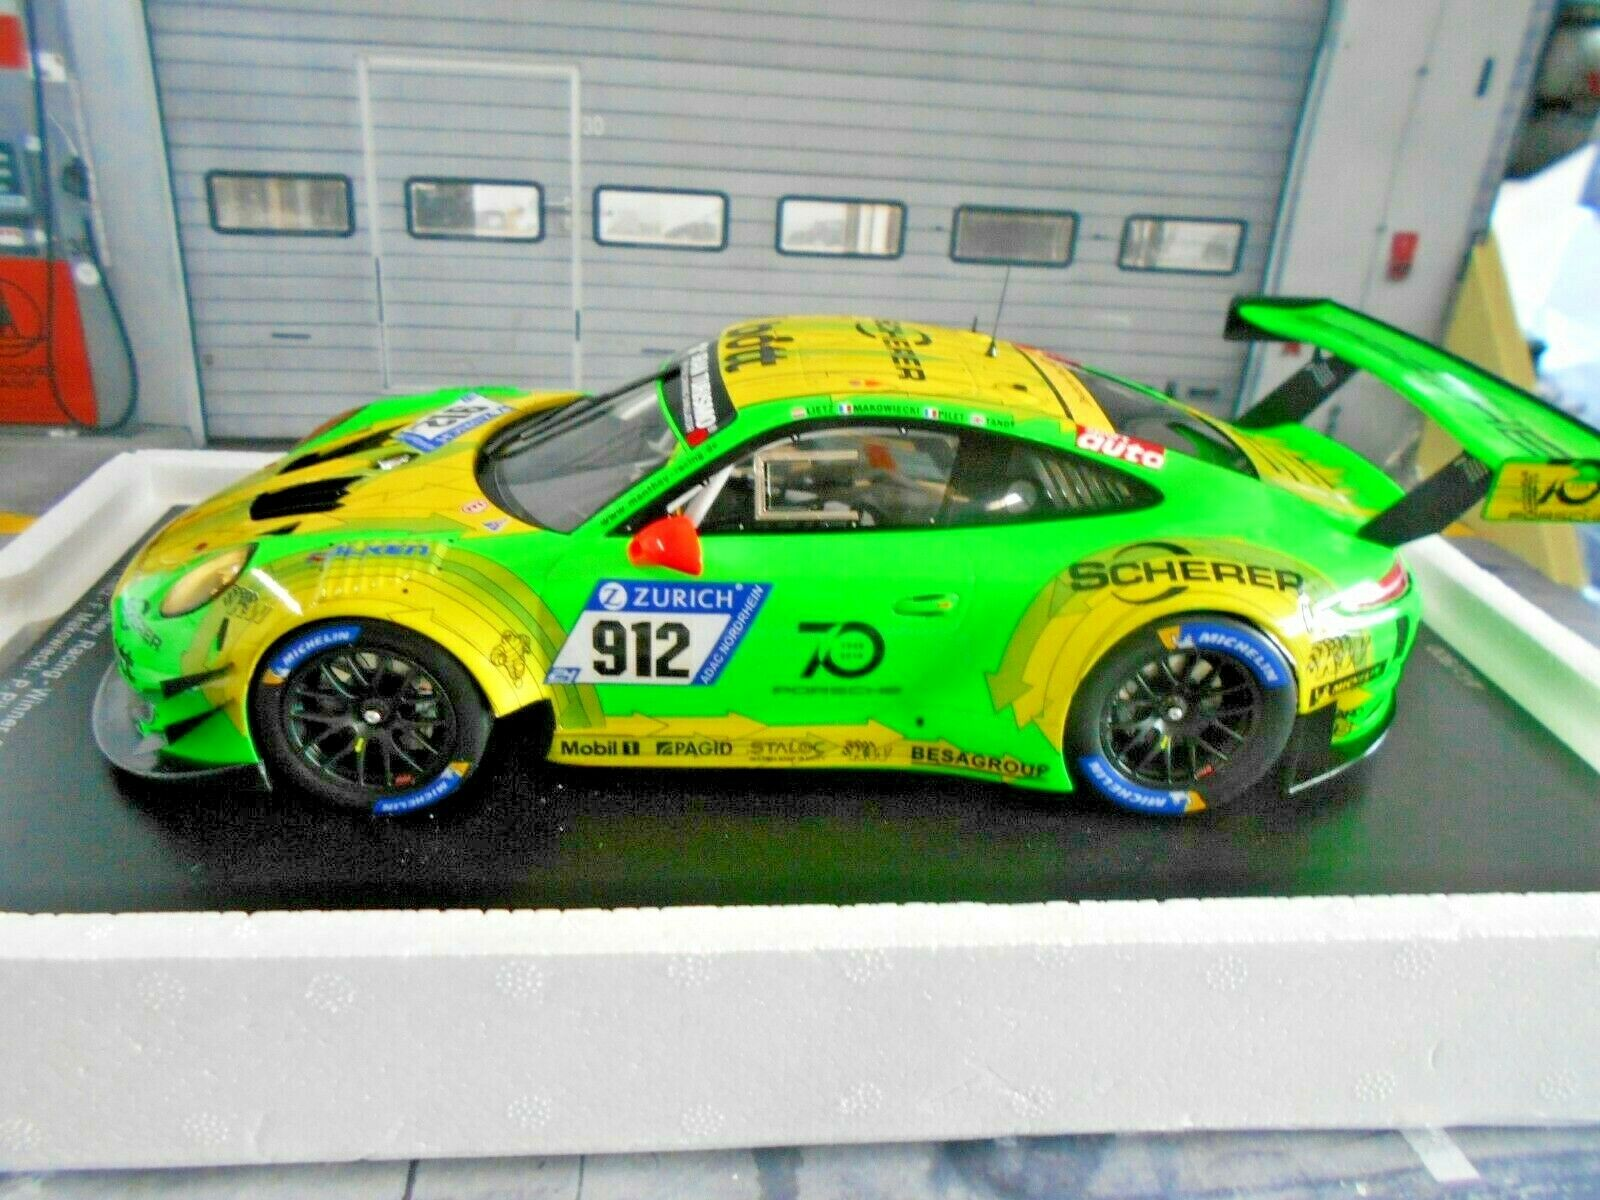 ahorrar en el despacho Porsche Porsche Porsche 911 991 gt3 R 24h nurburgring 2018 winner Manthey grello  912 Spark 1 18  venta al por mayor barato